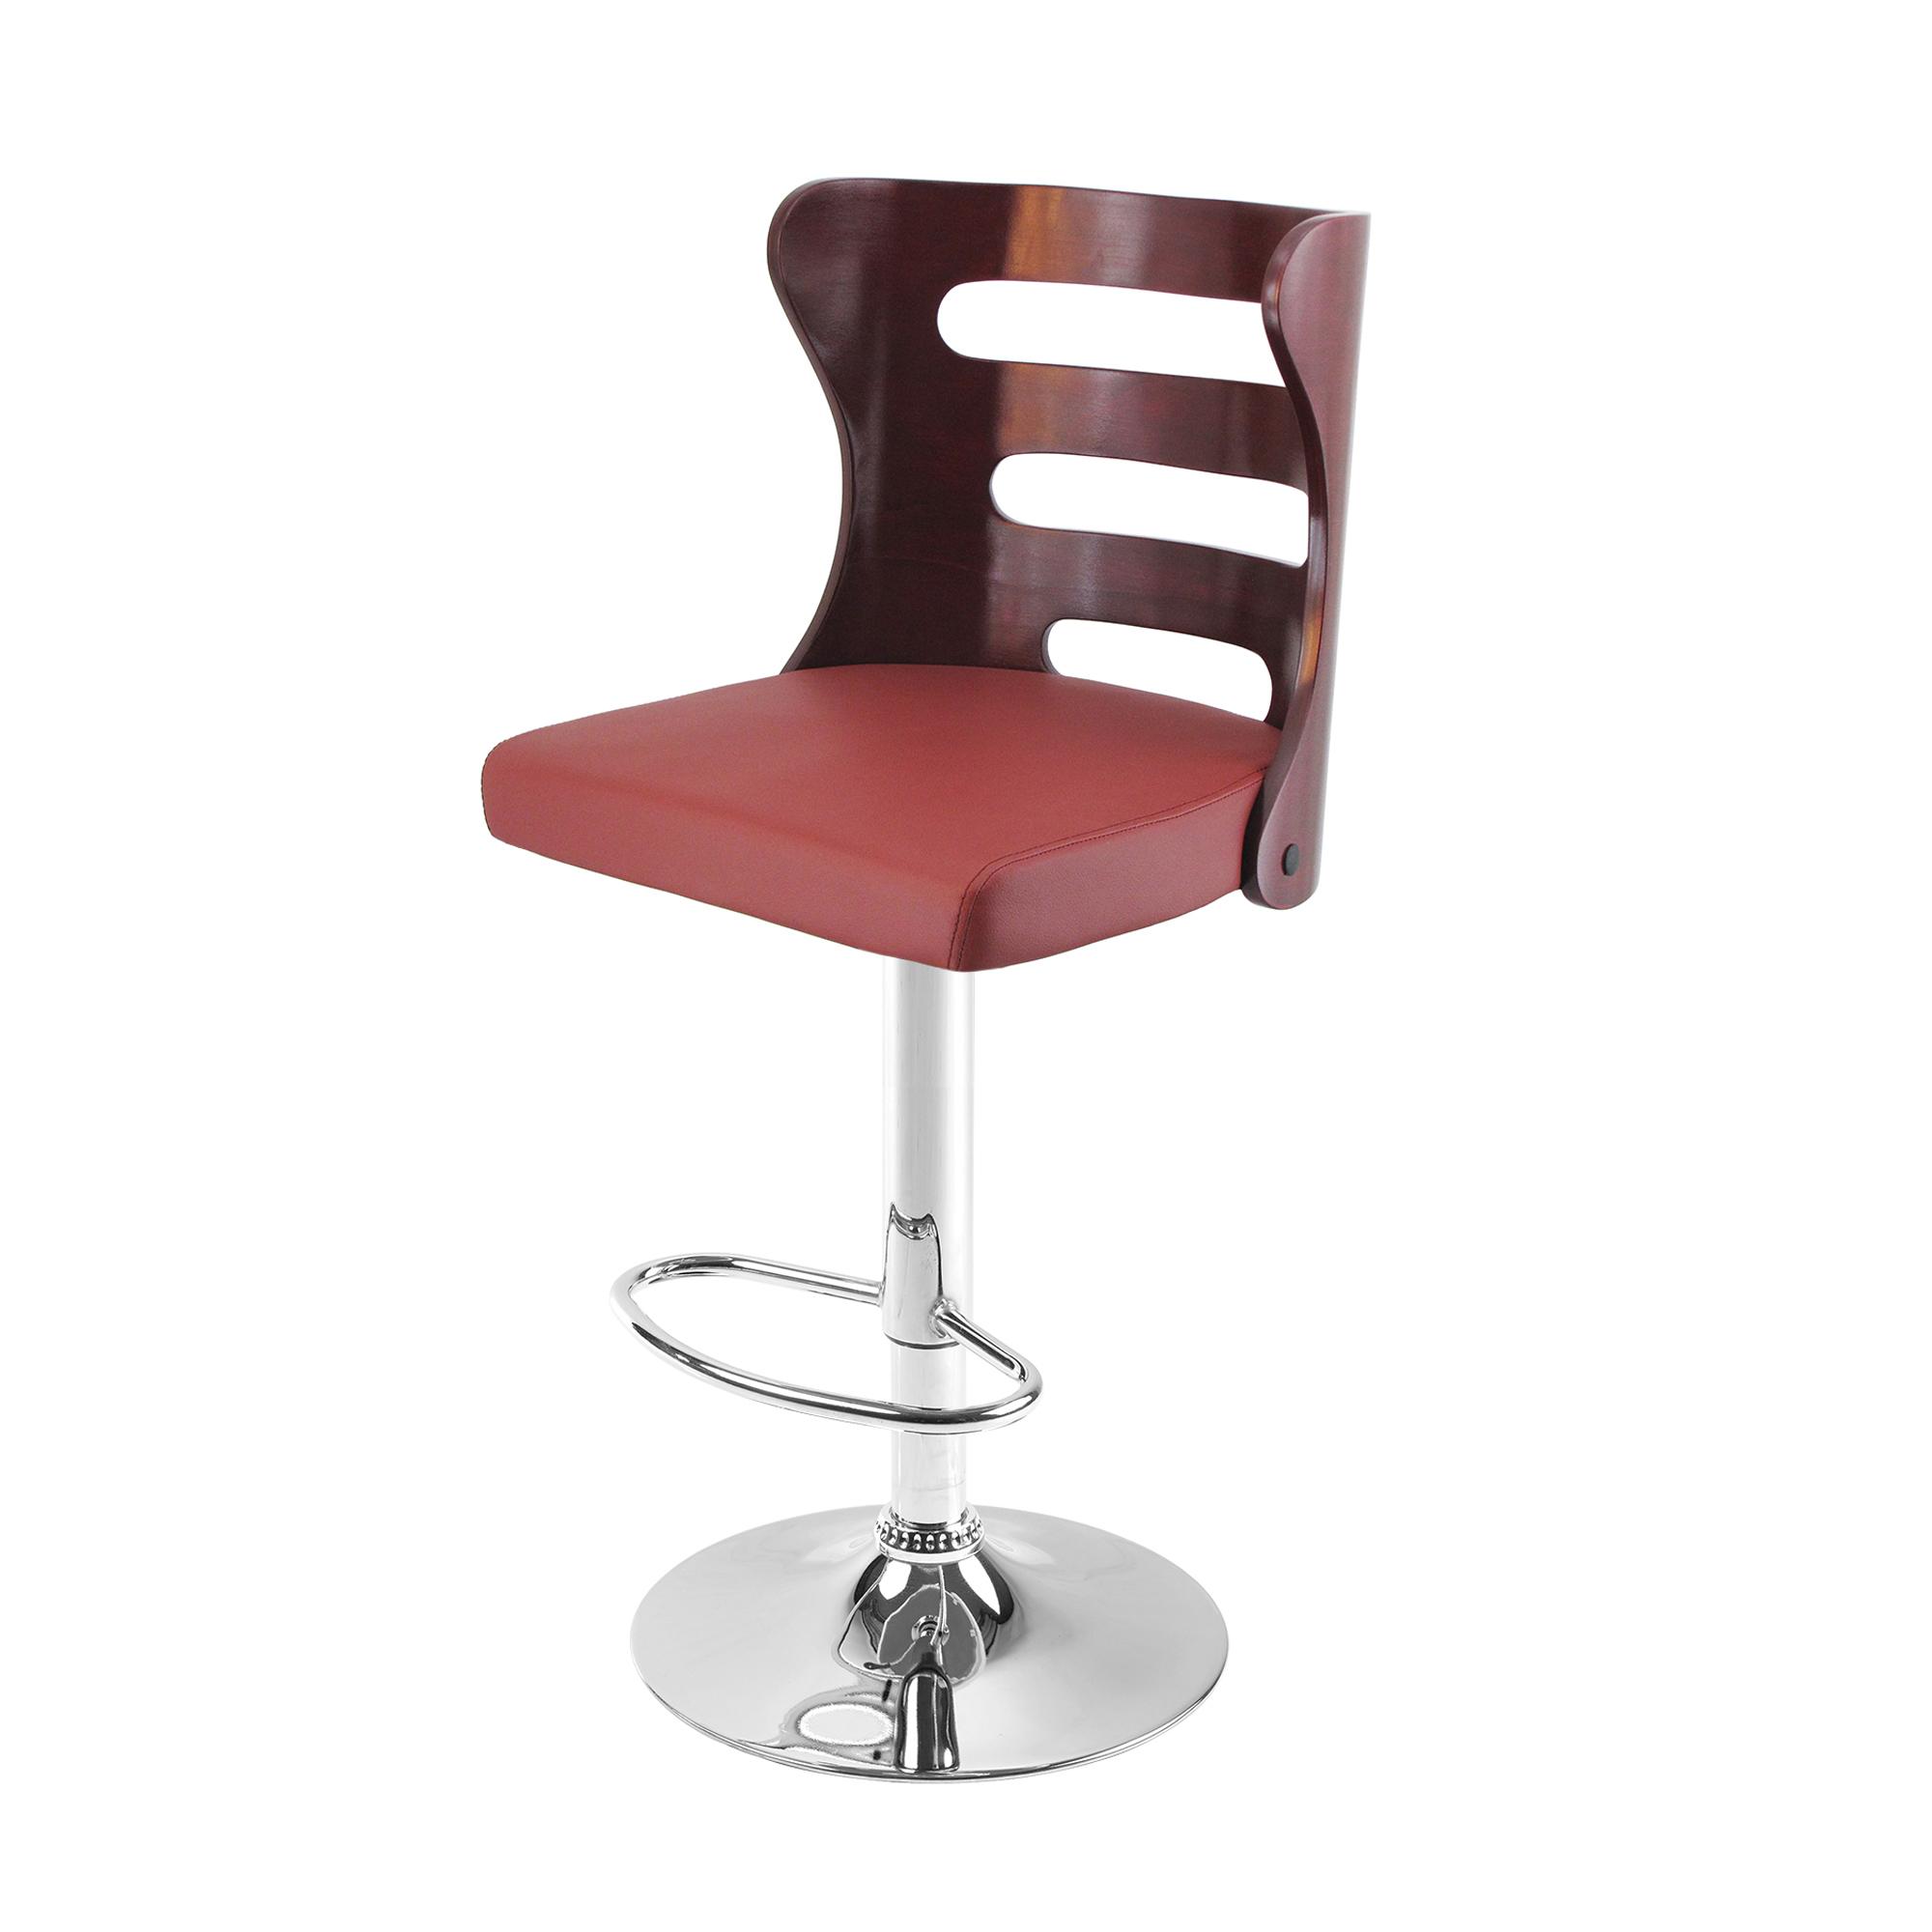 صندلی اپن طرح چوبی مدل BH390M رنگ ماهگونه